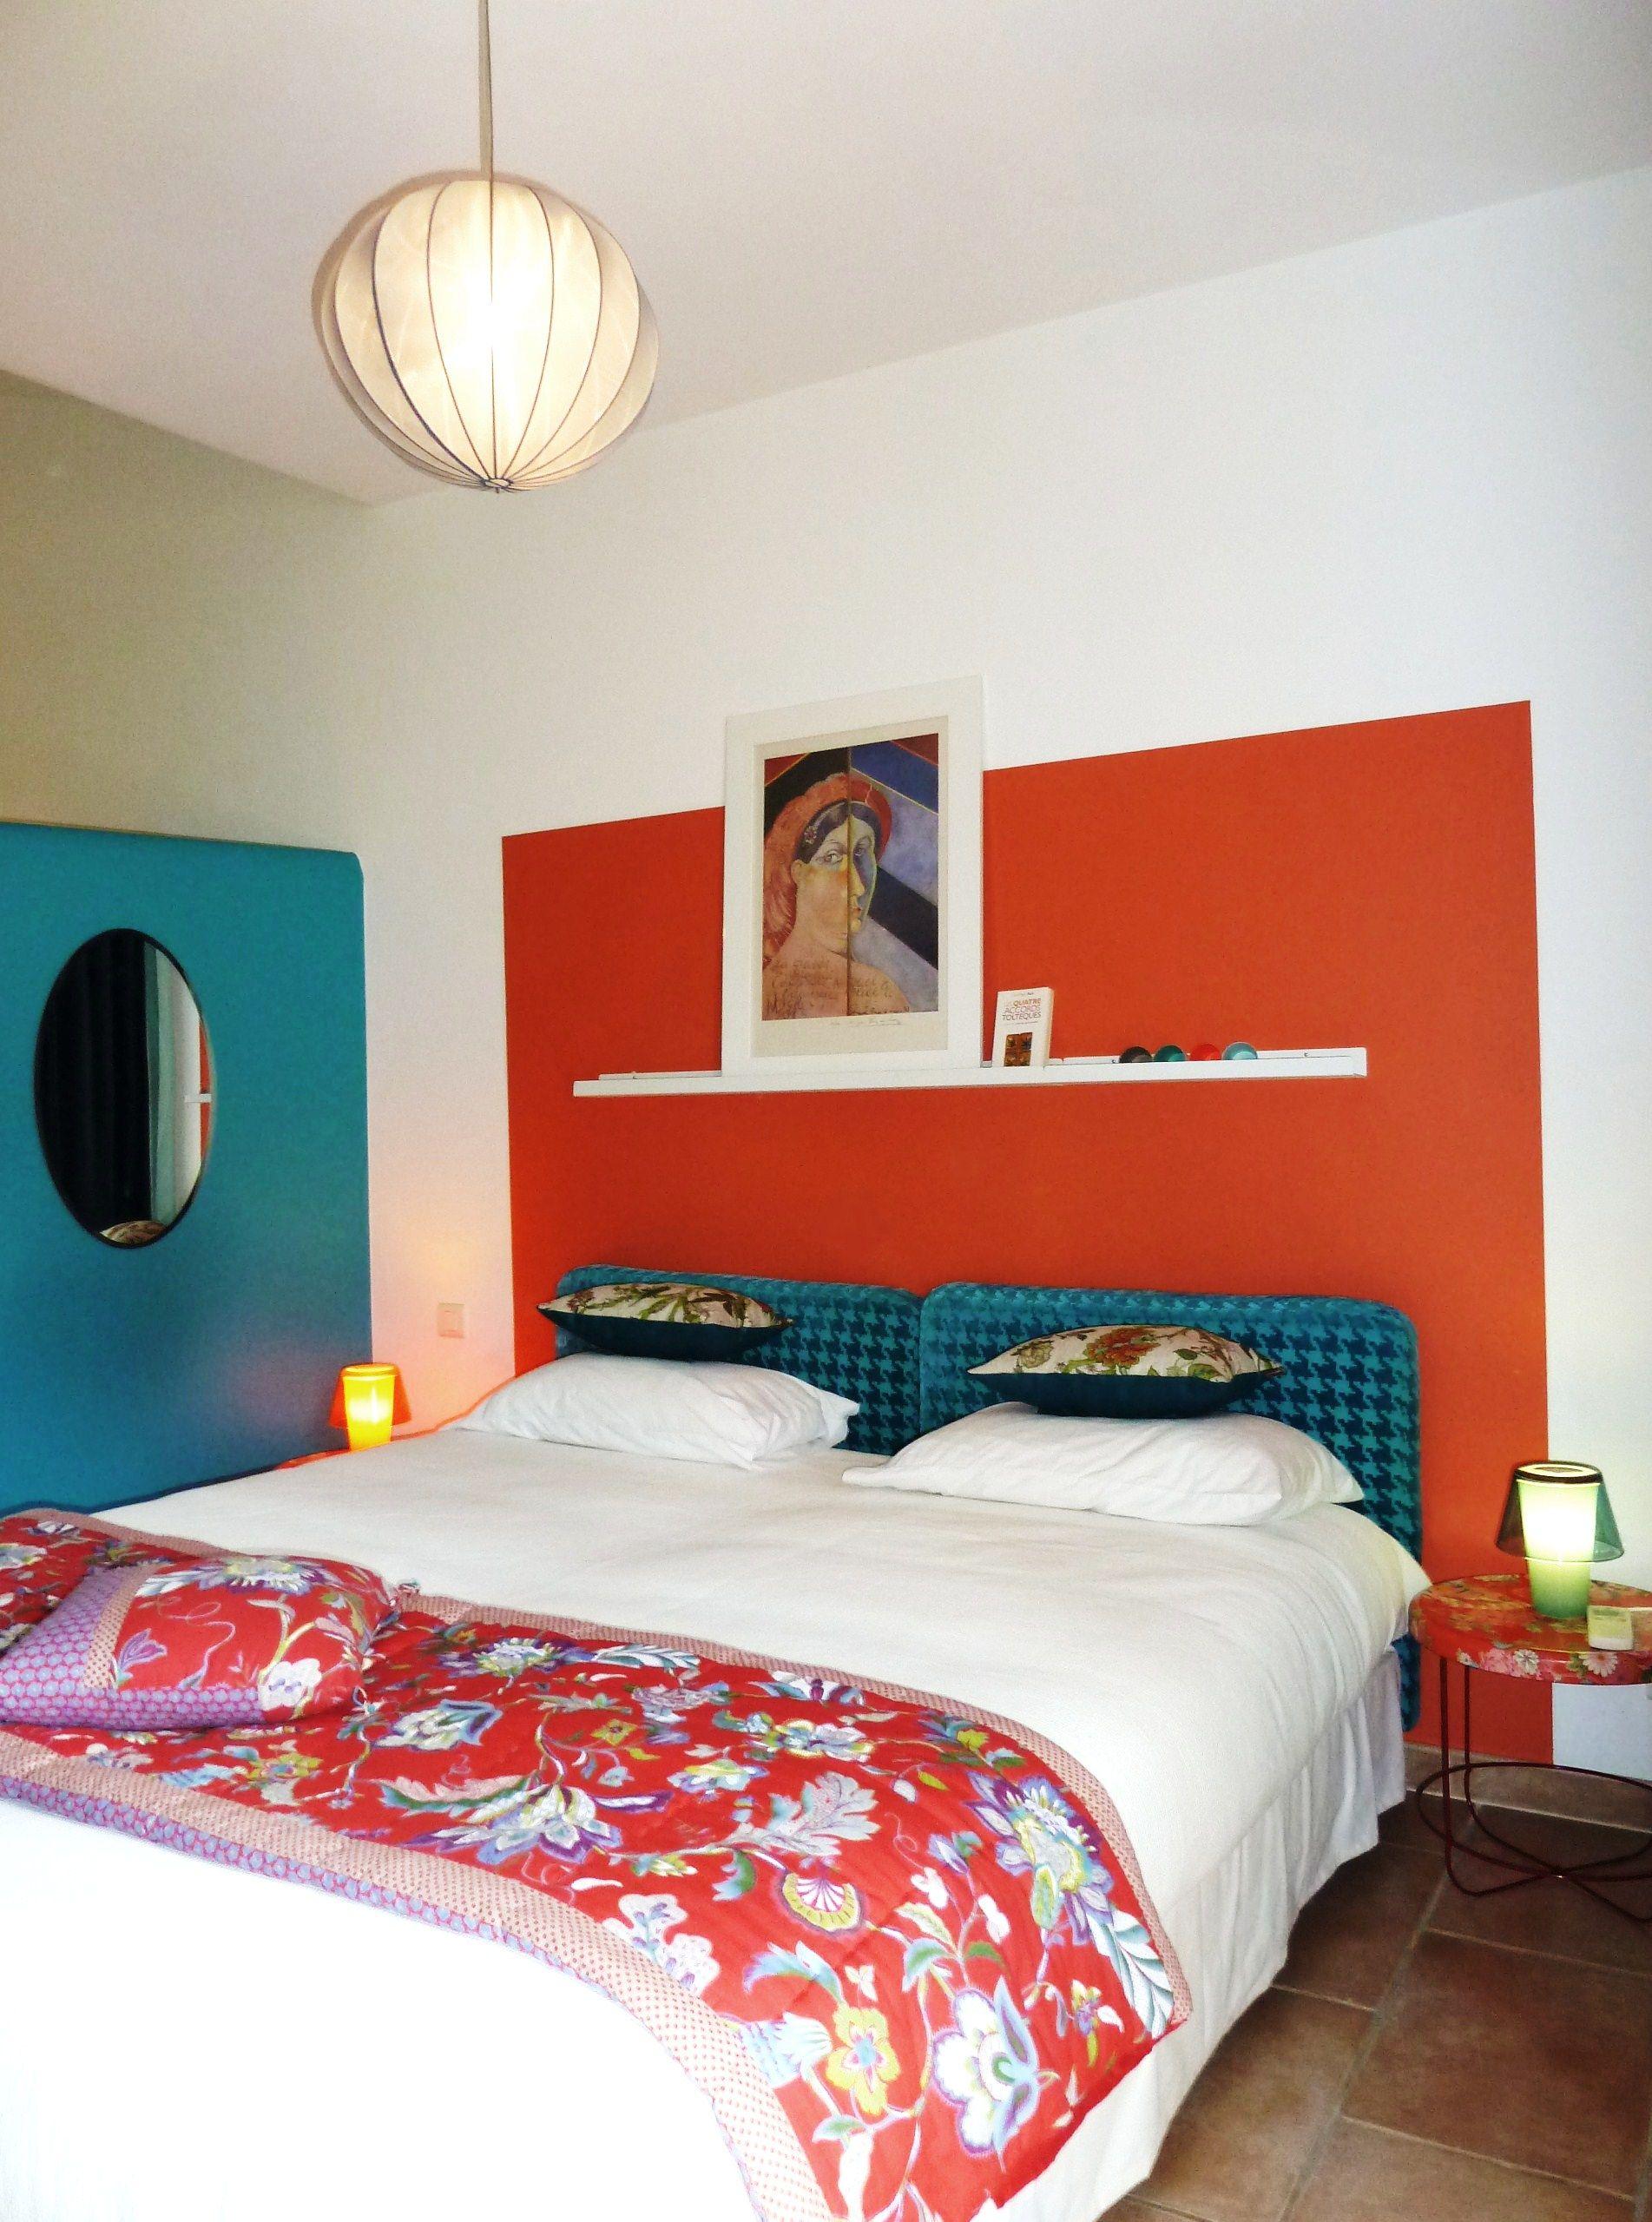 Chambre vintage sur soa home chambre pinterest vintage - Deco vintage chambre ...